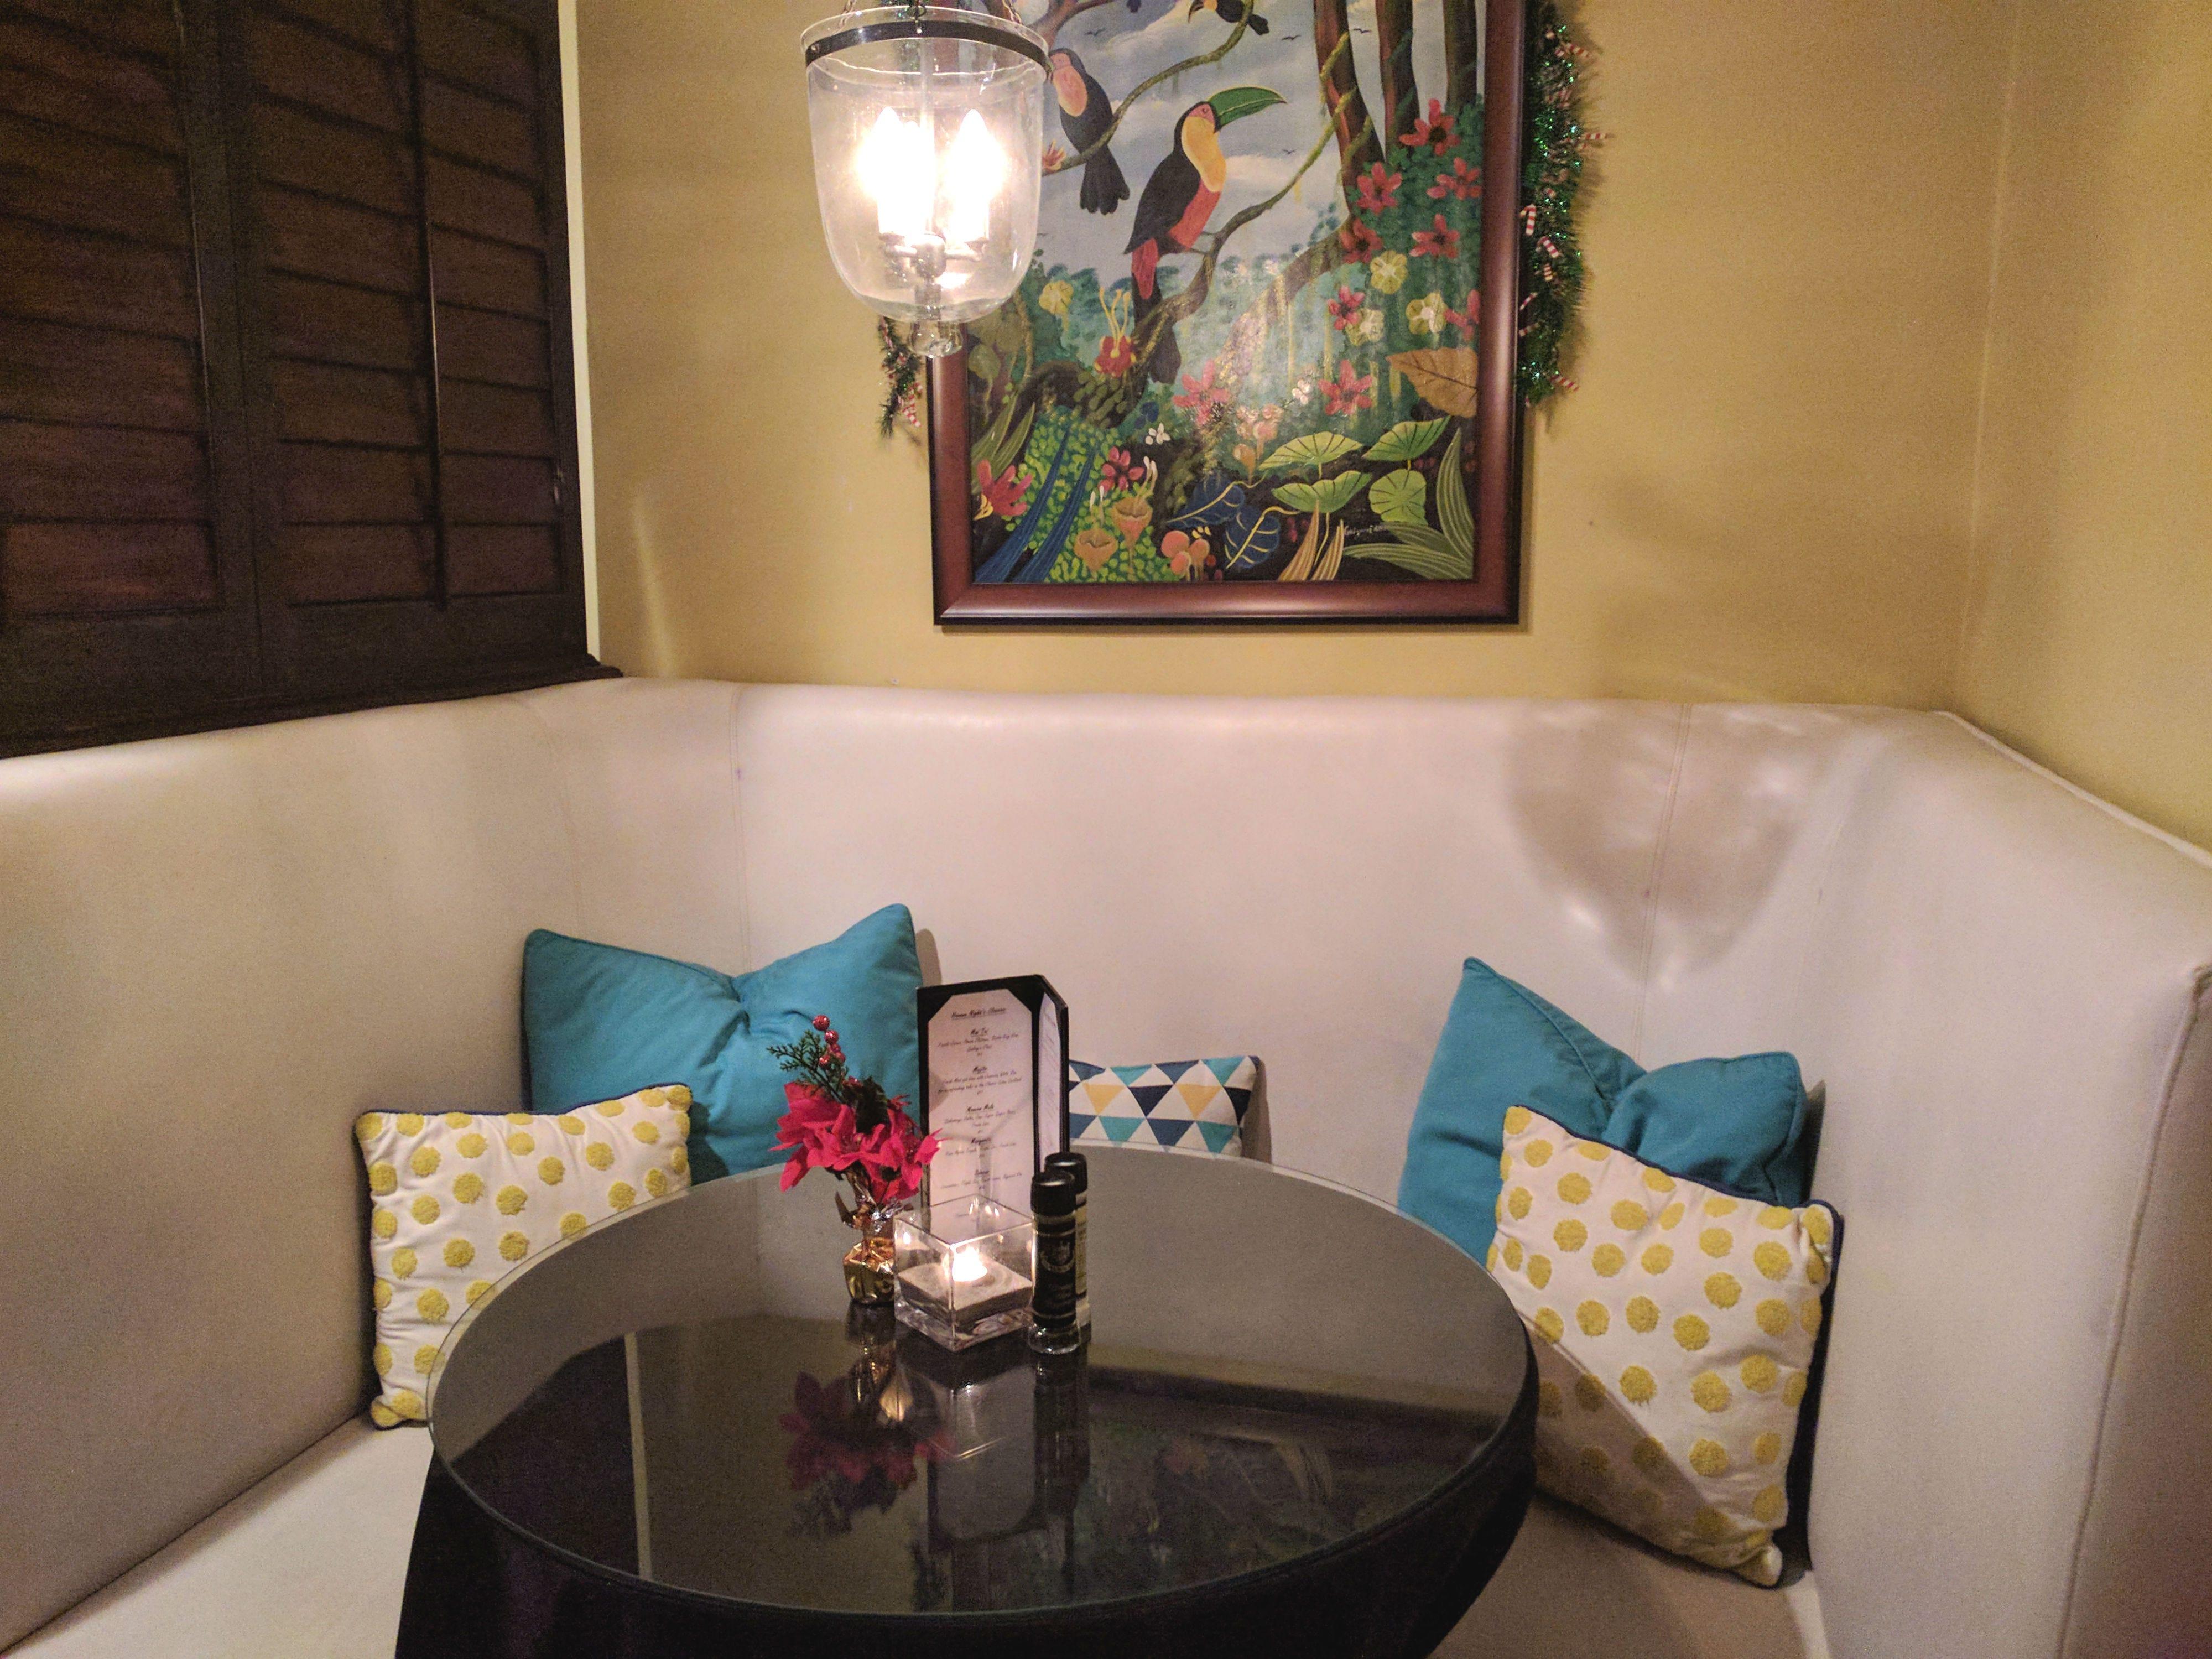 A cozy banquette at Havana Nights Piano Bar in Vero Beach.